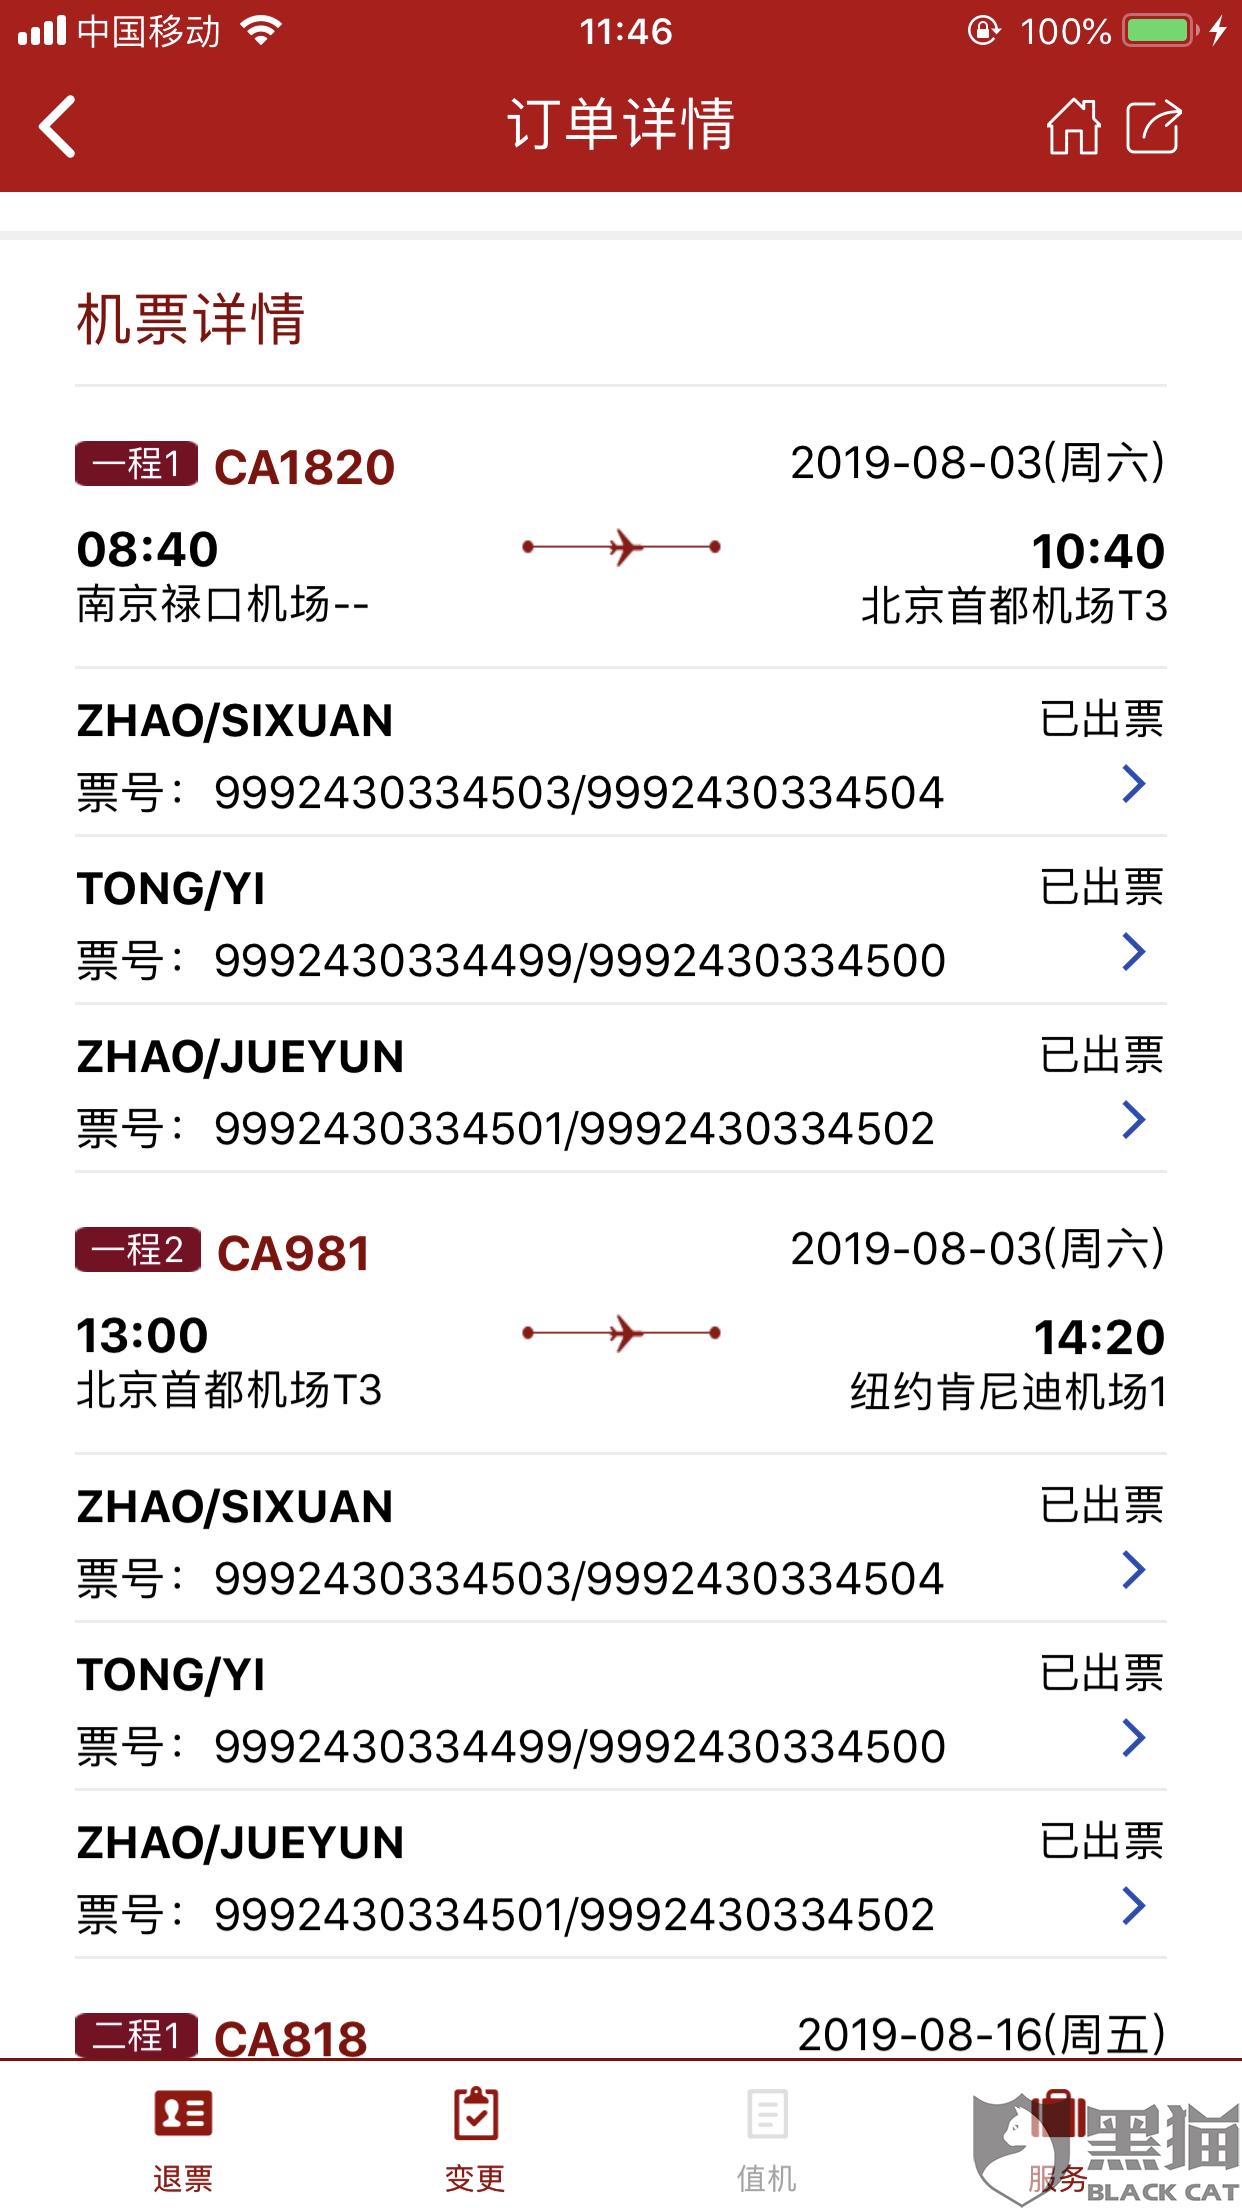 黑猫投诉:中国国际航空公司航班延误,处理上不一视同仁,差异化对待,还拒绝赔偿